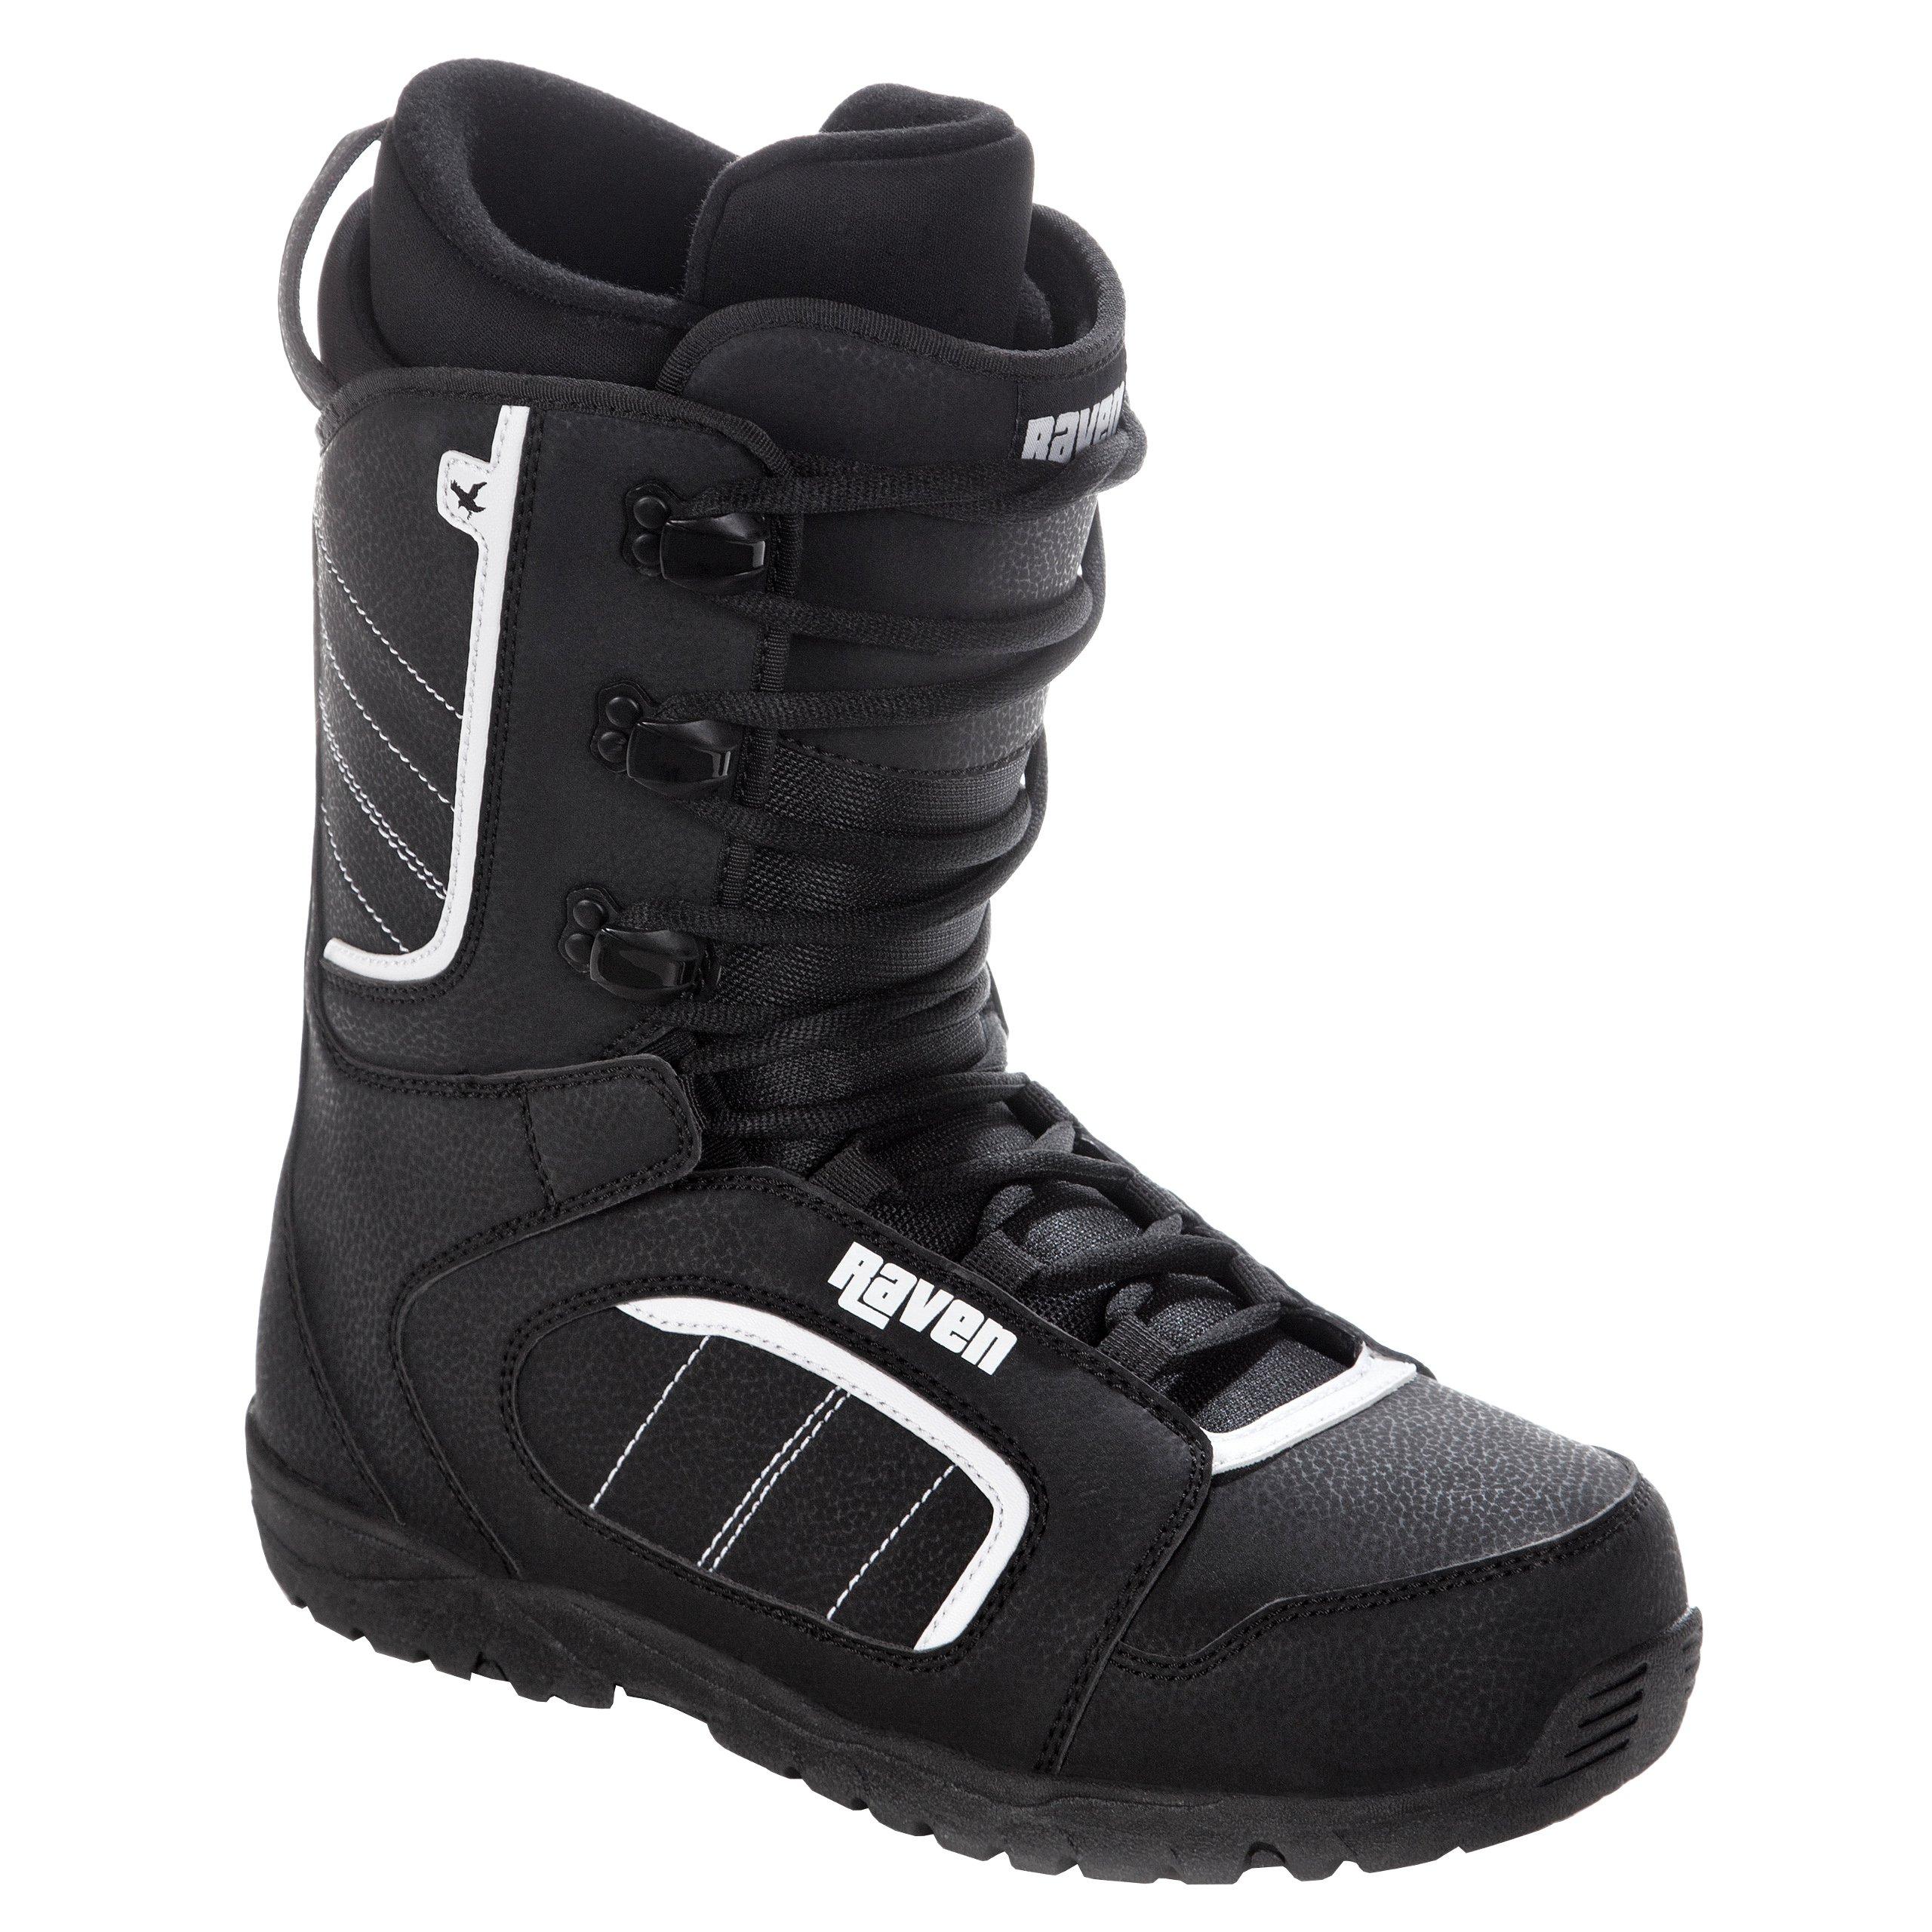 Topánky na Snowboard Raven Cieľ 2020 - 38 (24,5 cm)